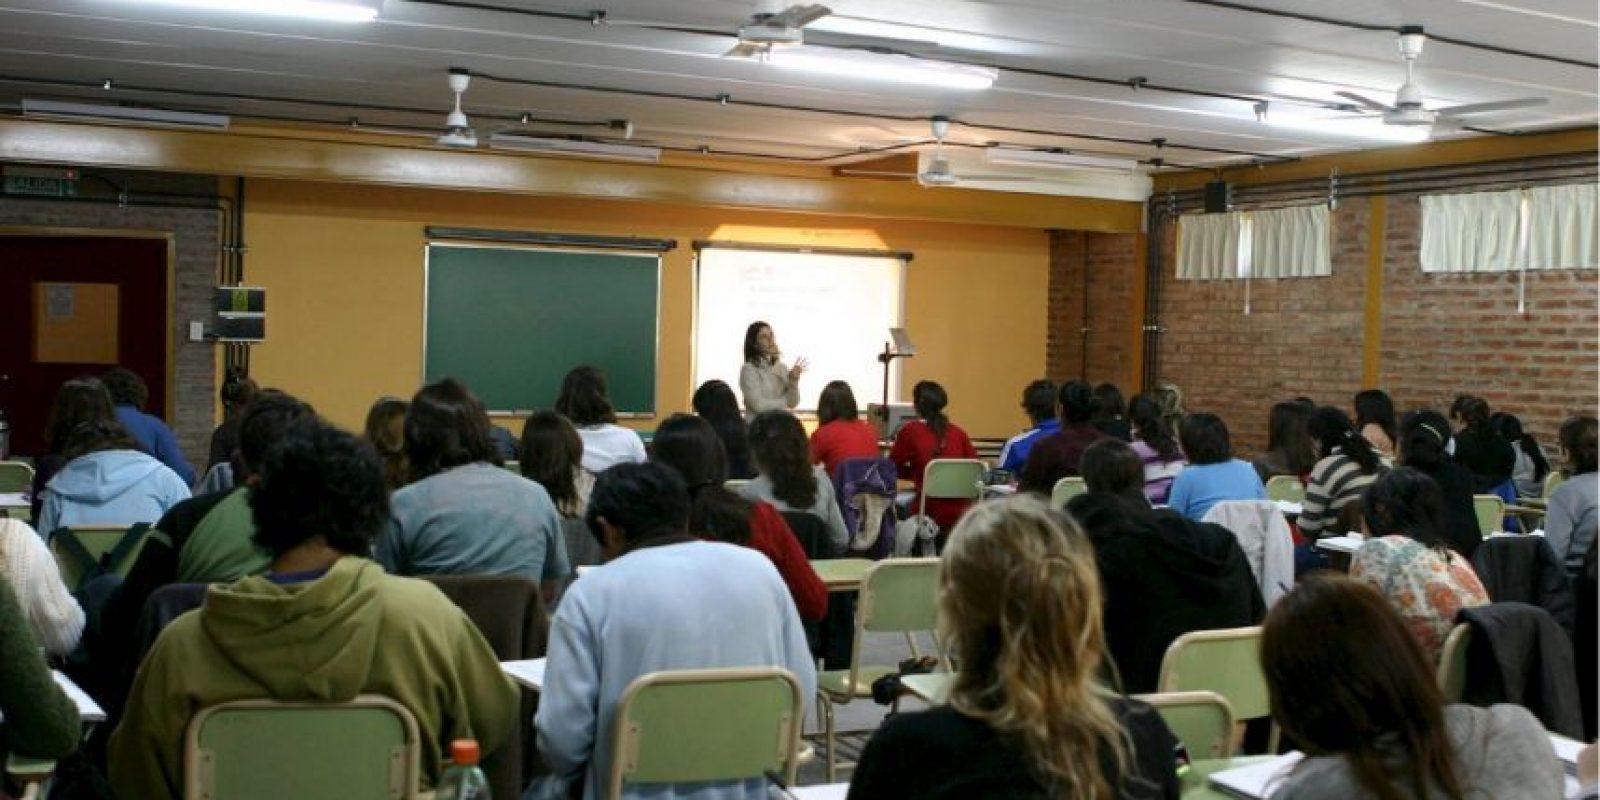 Un estudiante de la Facultad de Medicina de la Universidad de Buenos Aires intoxicó a 4 compañeras con brownies de marihuana. Foto:Vía Facebook.com/ubaonline